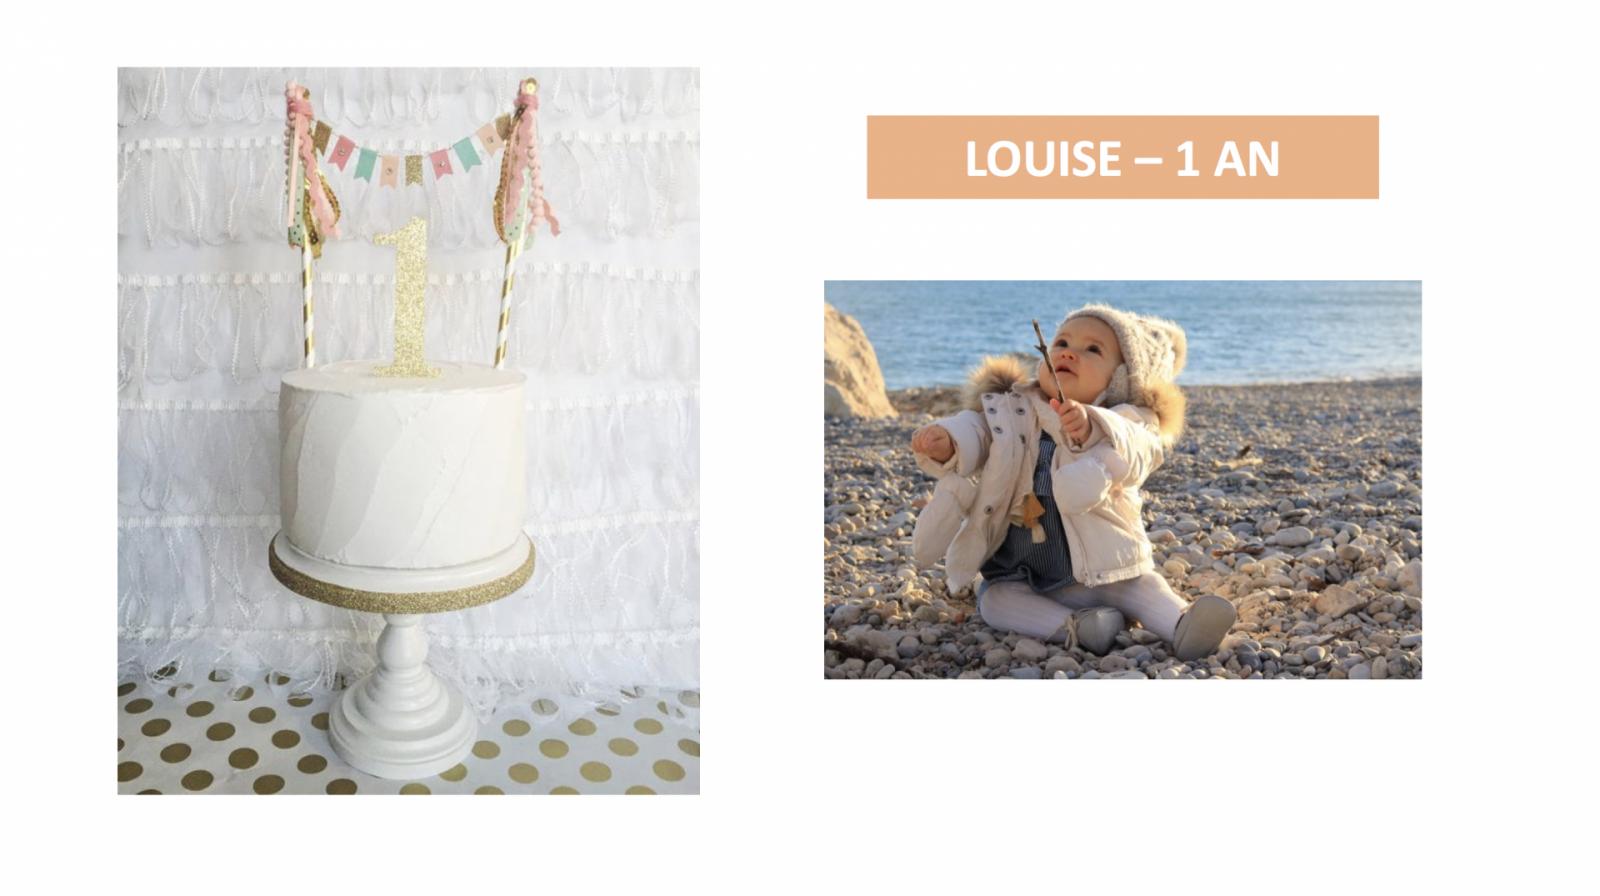 LISTE D'ANNIVERSAIRE DE LOUISE – 1 AN